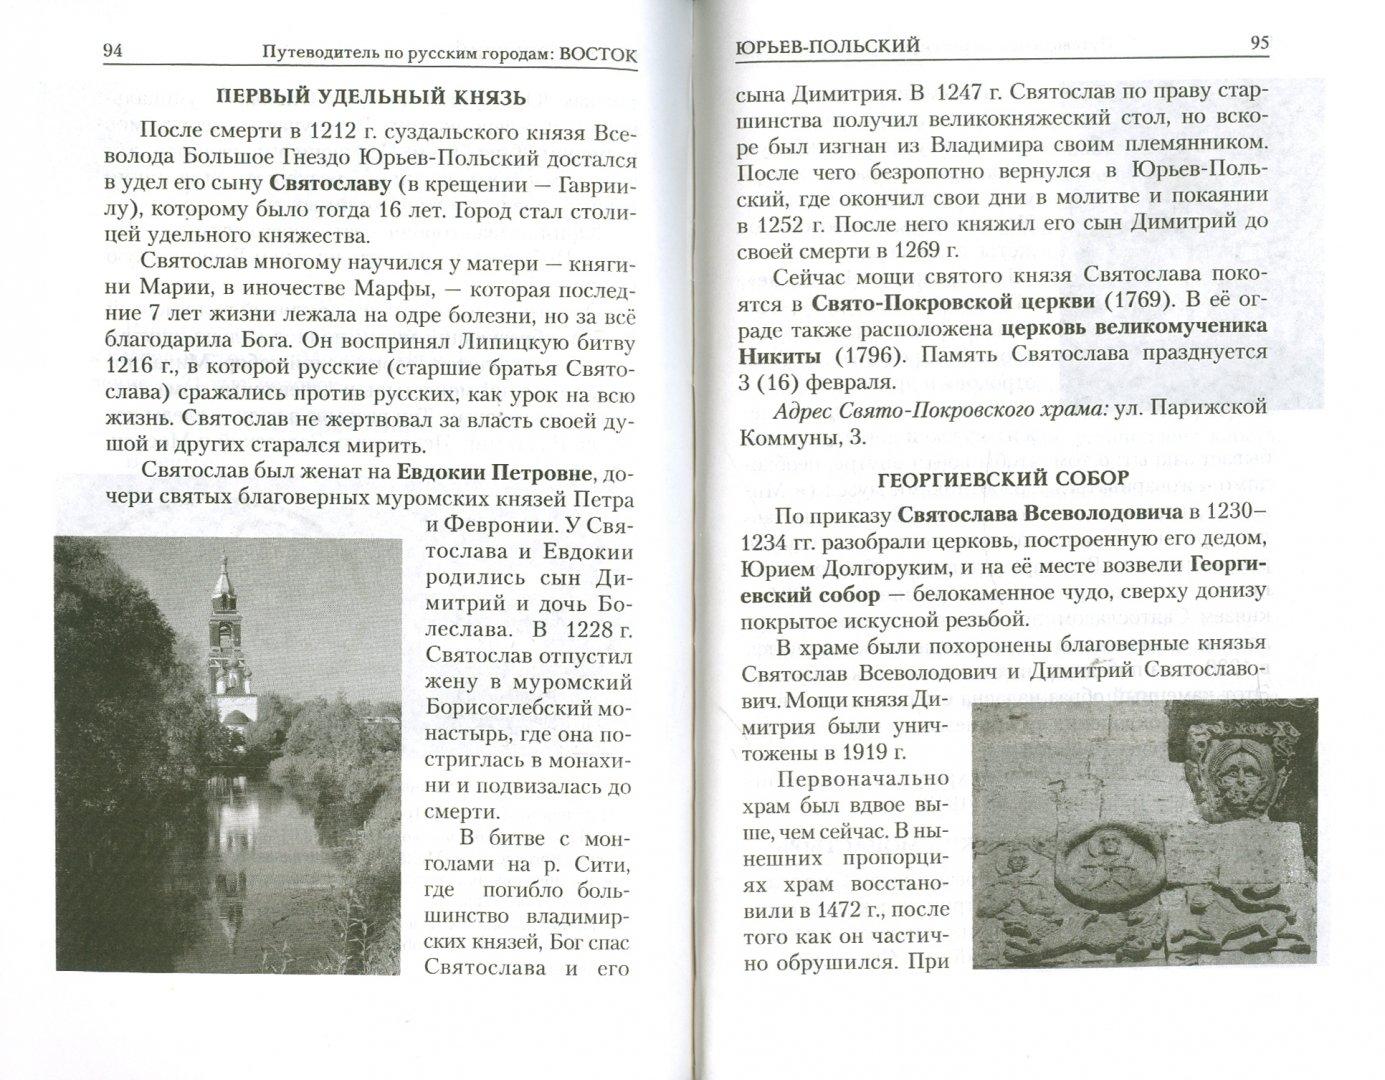 Иллюстрация 1 из 5 для Путеводитель по русским городам. Восток - Дмитрий Семеник | Лабиринт - книги. Источник: Лабиринт